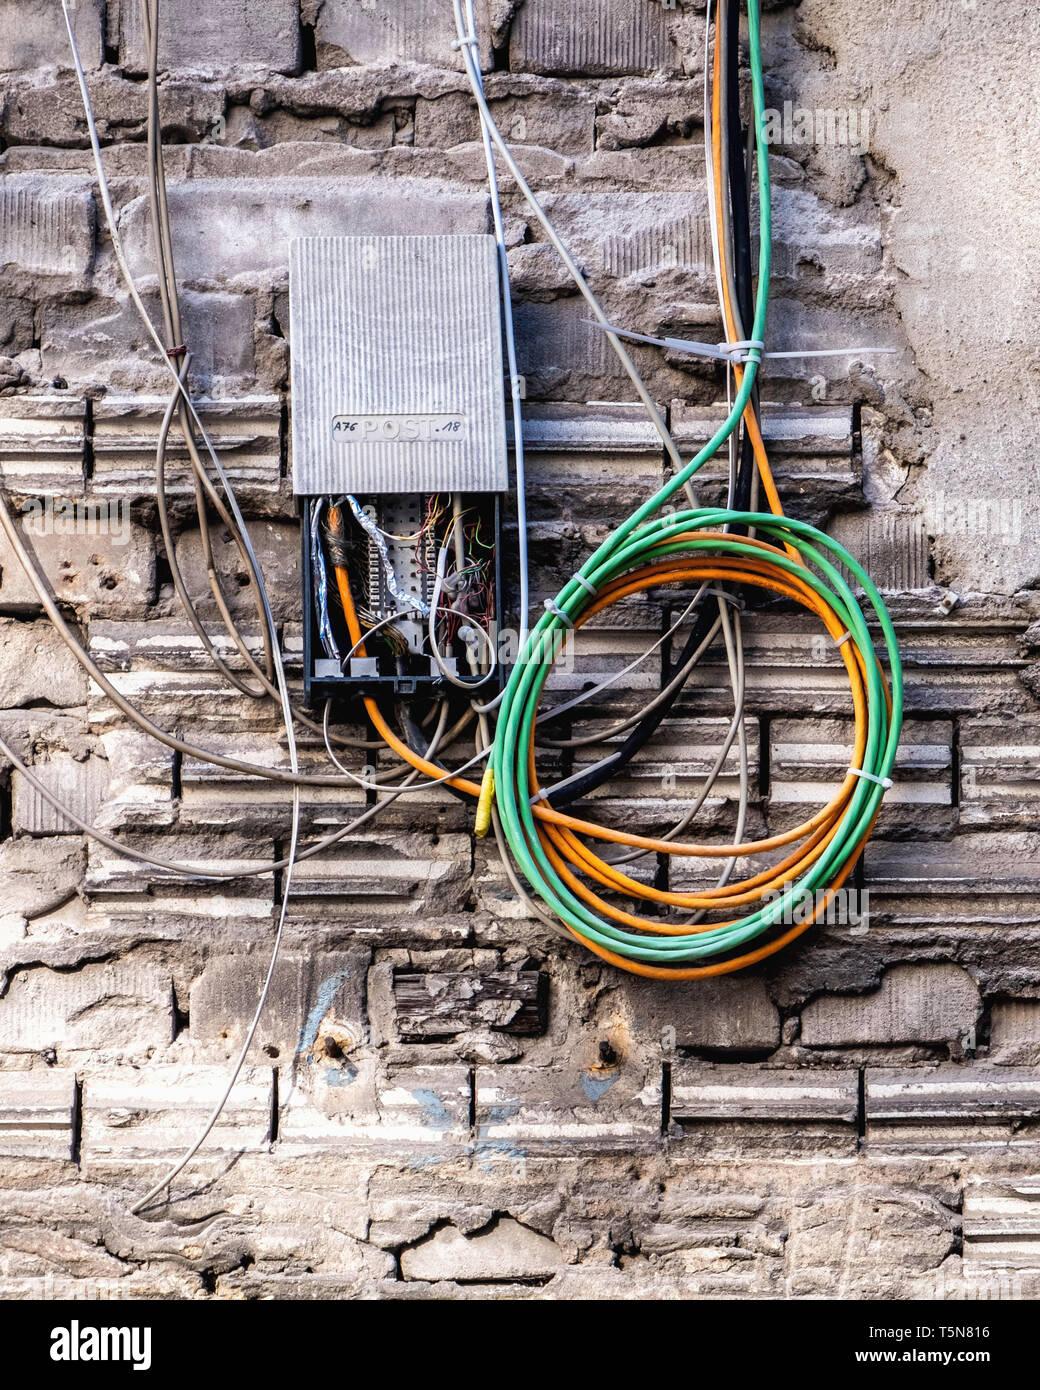 Hochzeit, Berlin. Elektrische Verkabelung im Innenhof der baufälligen alten industriellen Gebäude neben der Panke River bei Gerichtstrasse 23. Gebäude detail. Stockfoto